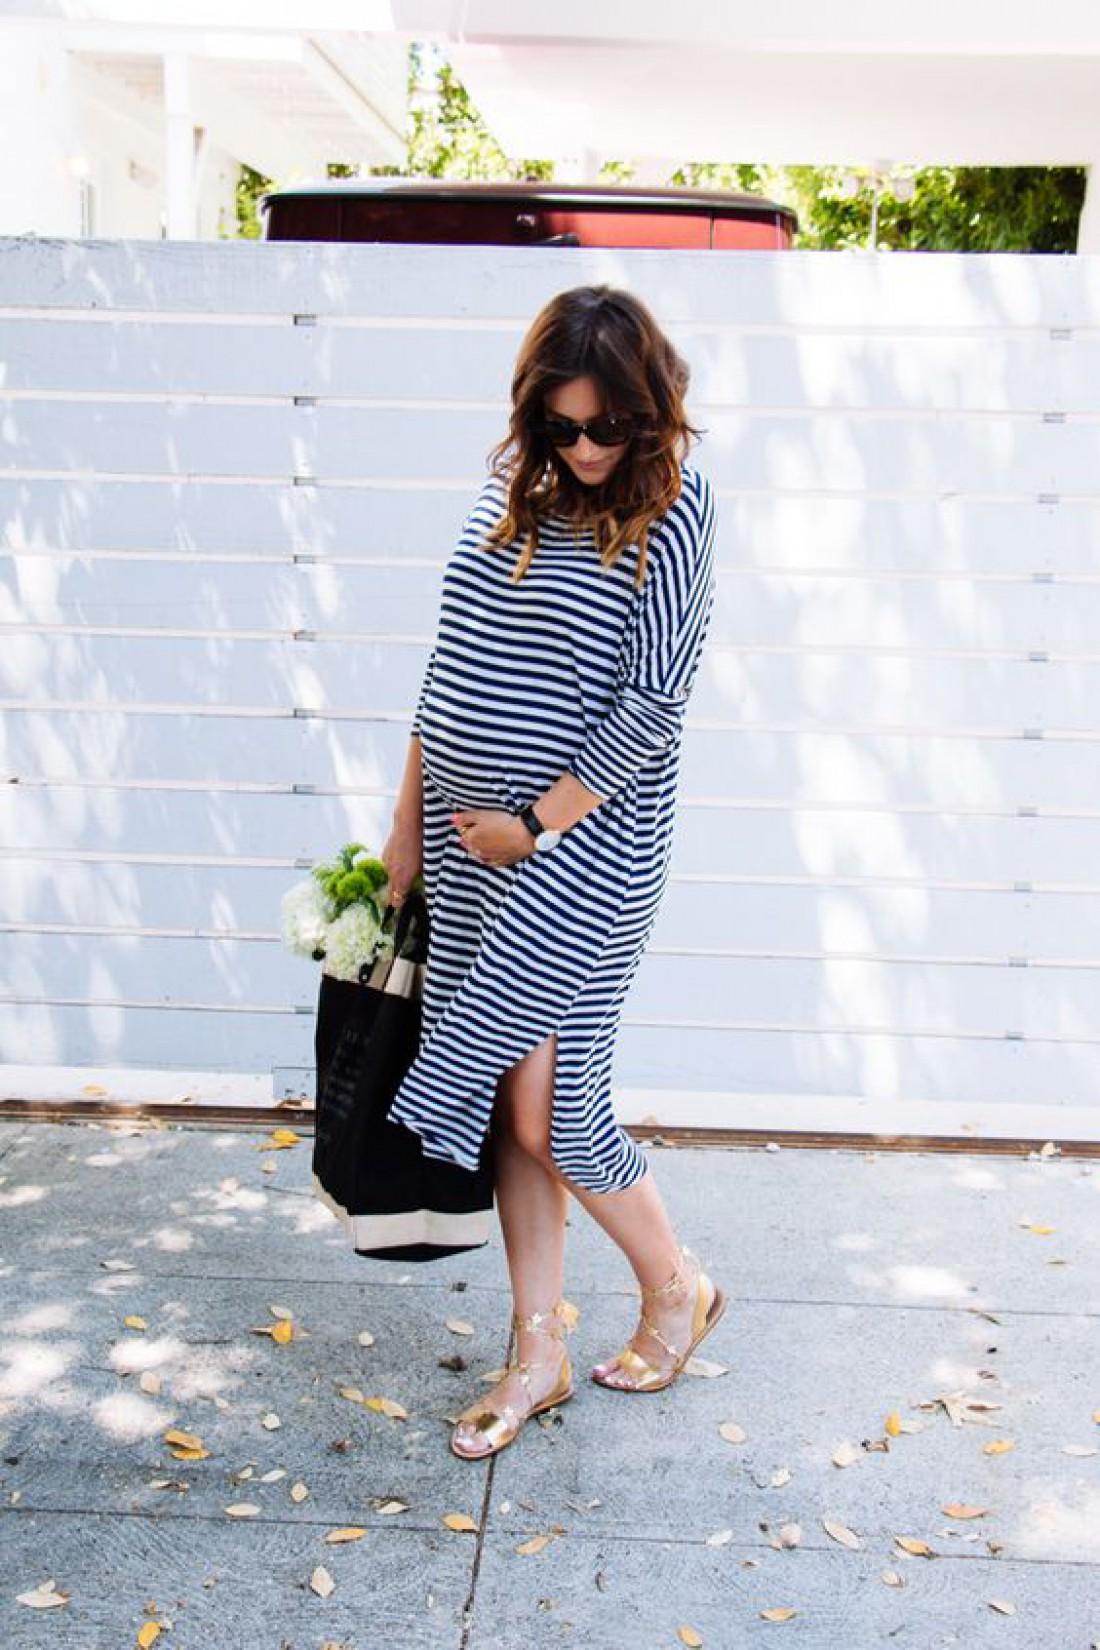 Примерно 7% беременных страдает от токсикоза на поздних сроках беременности